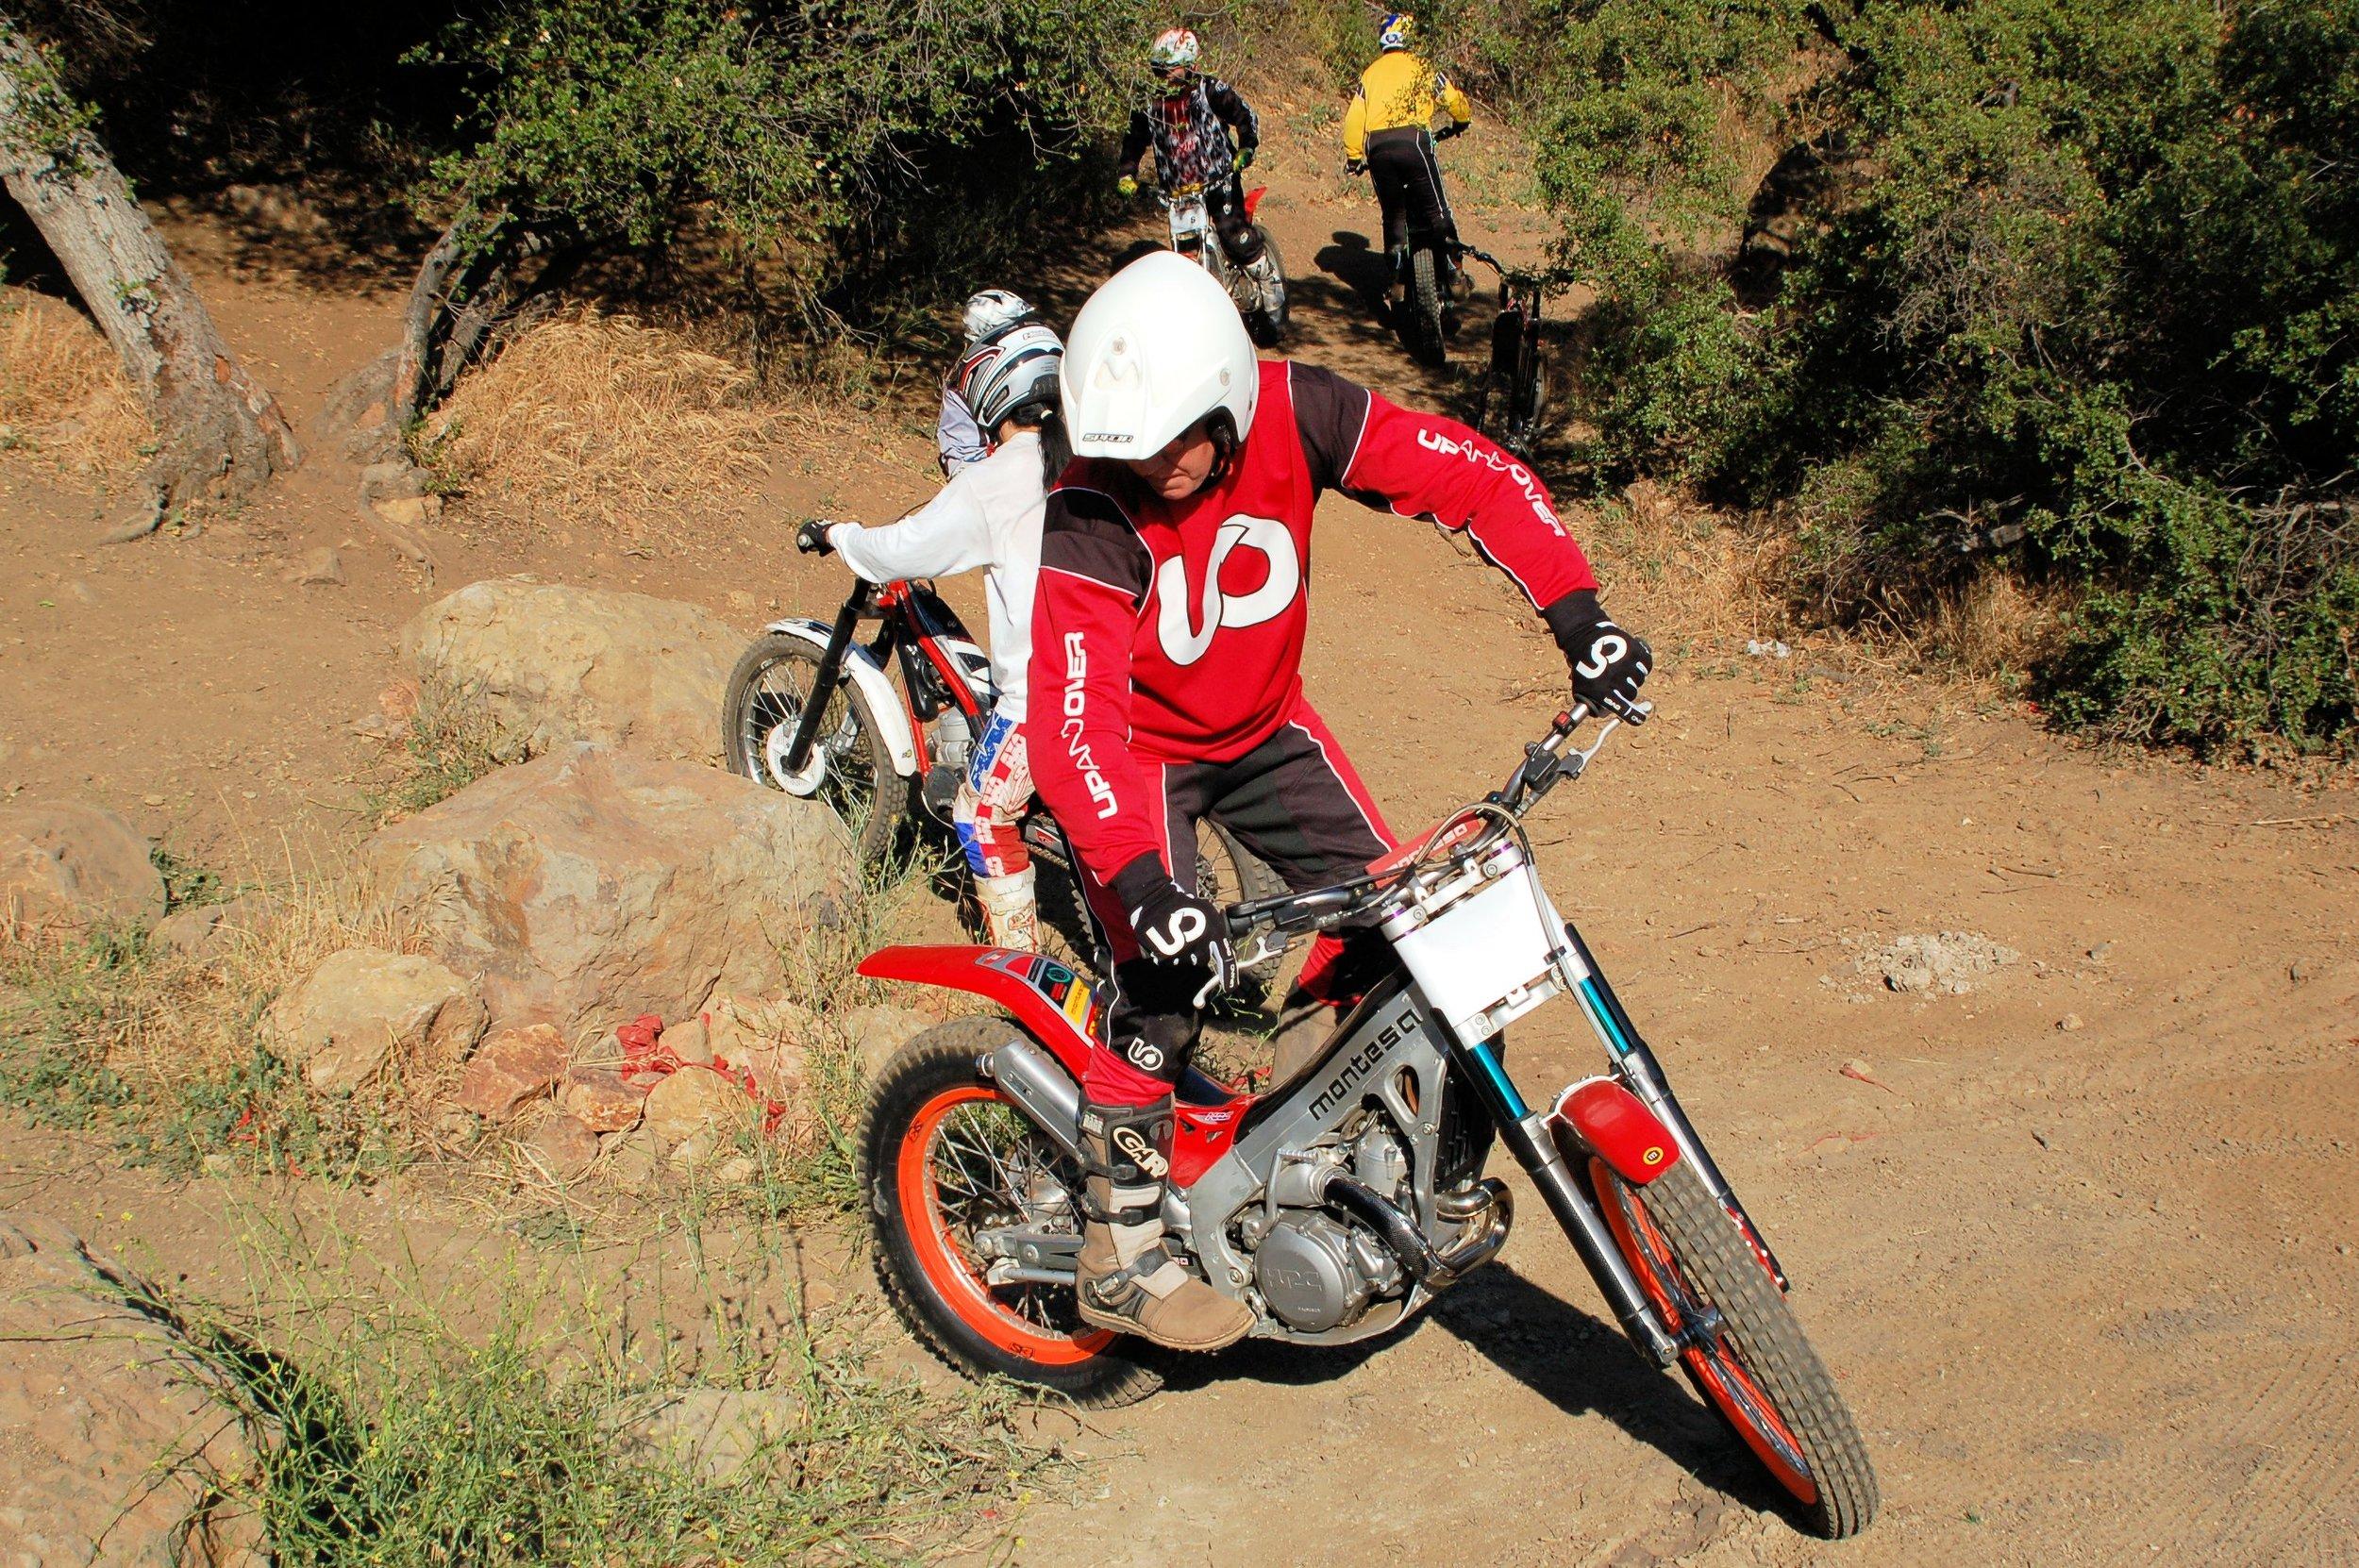 Red Rider1.jpg